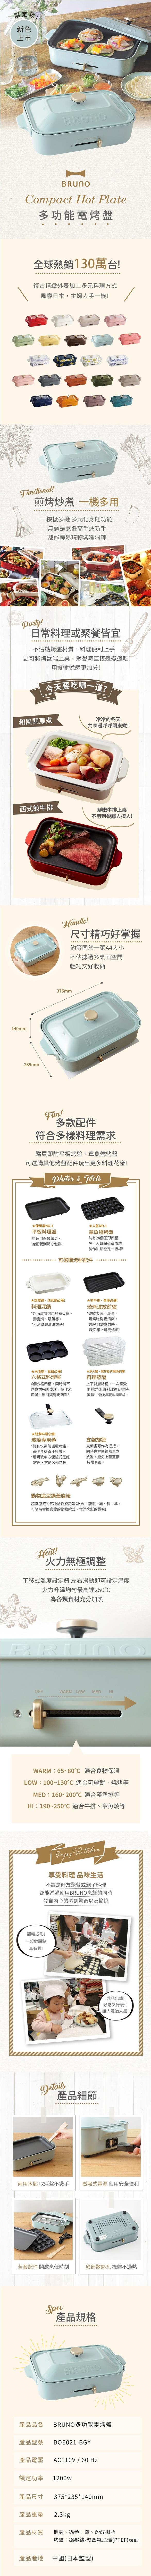 (複製)BRUNO|BOE021 多功能電烤盤(白色)